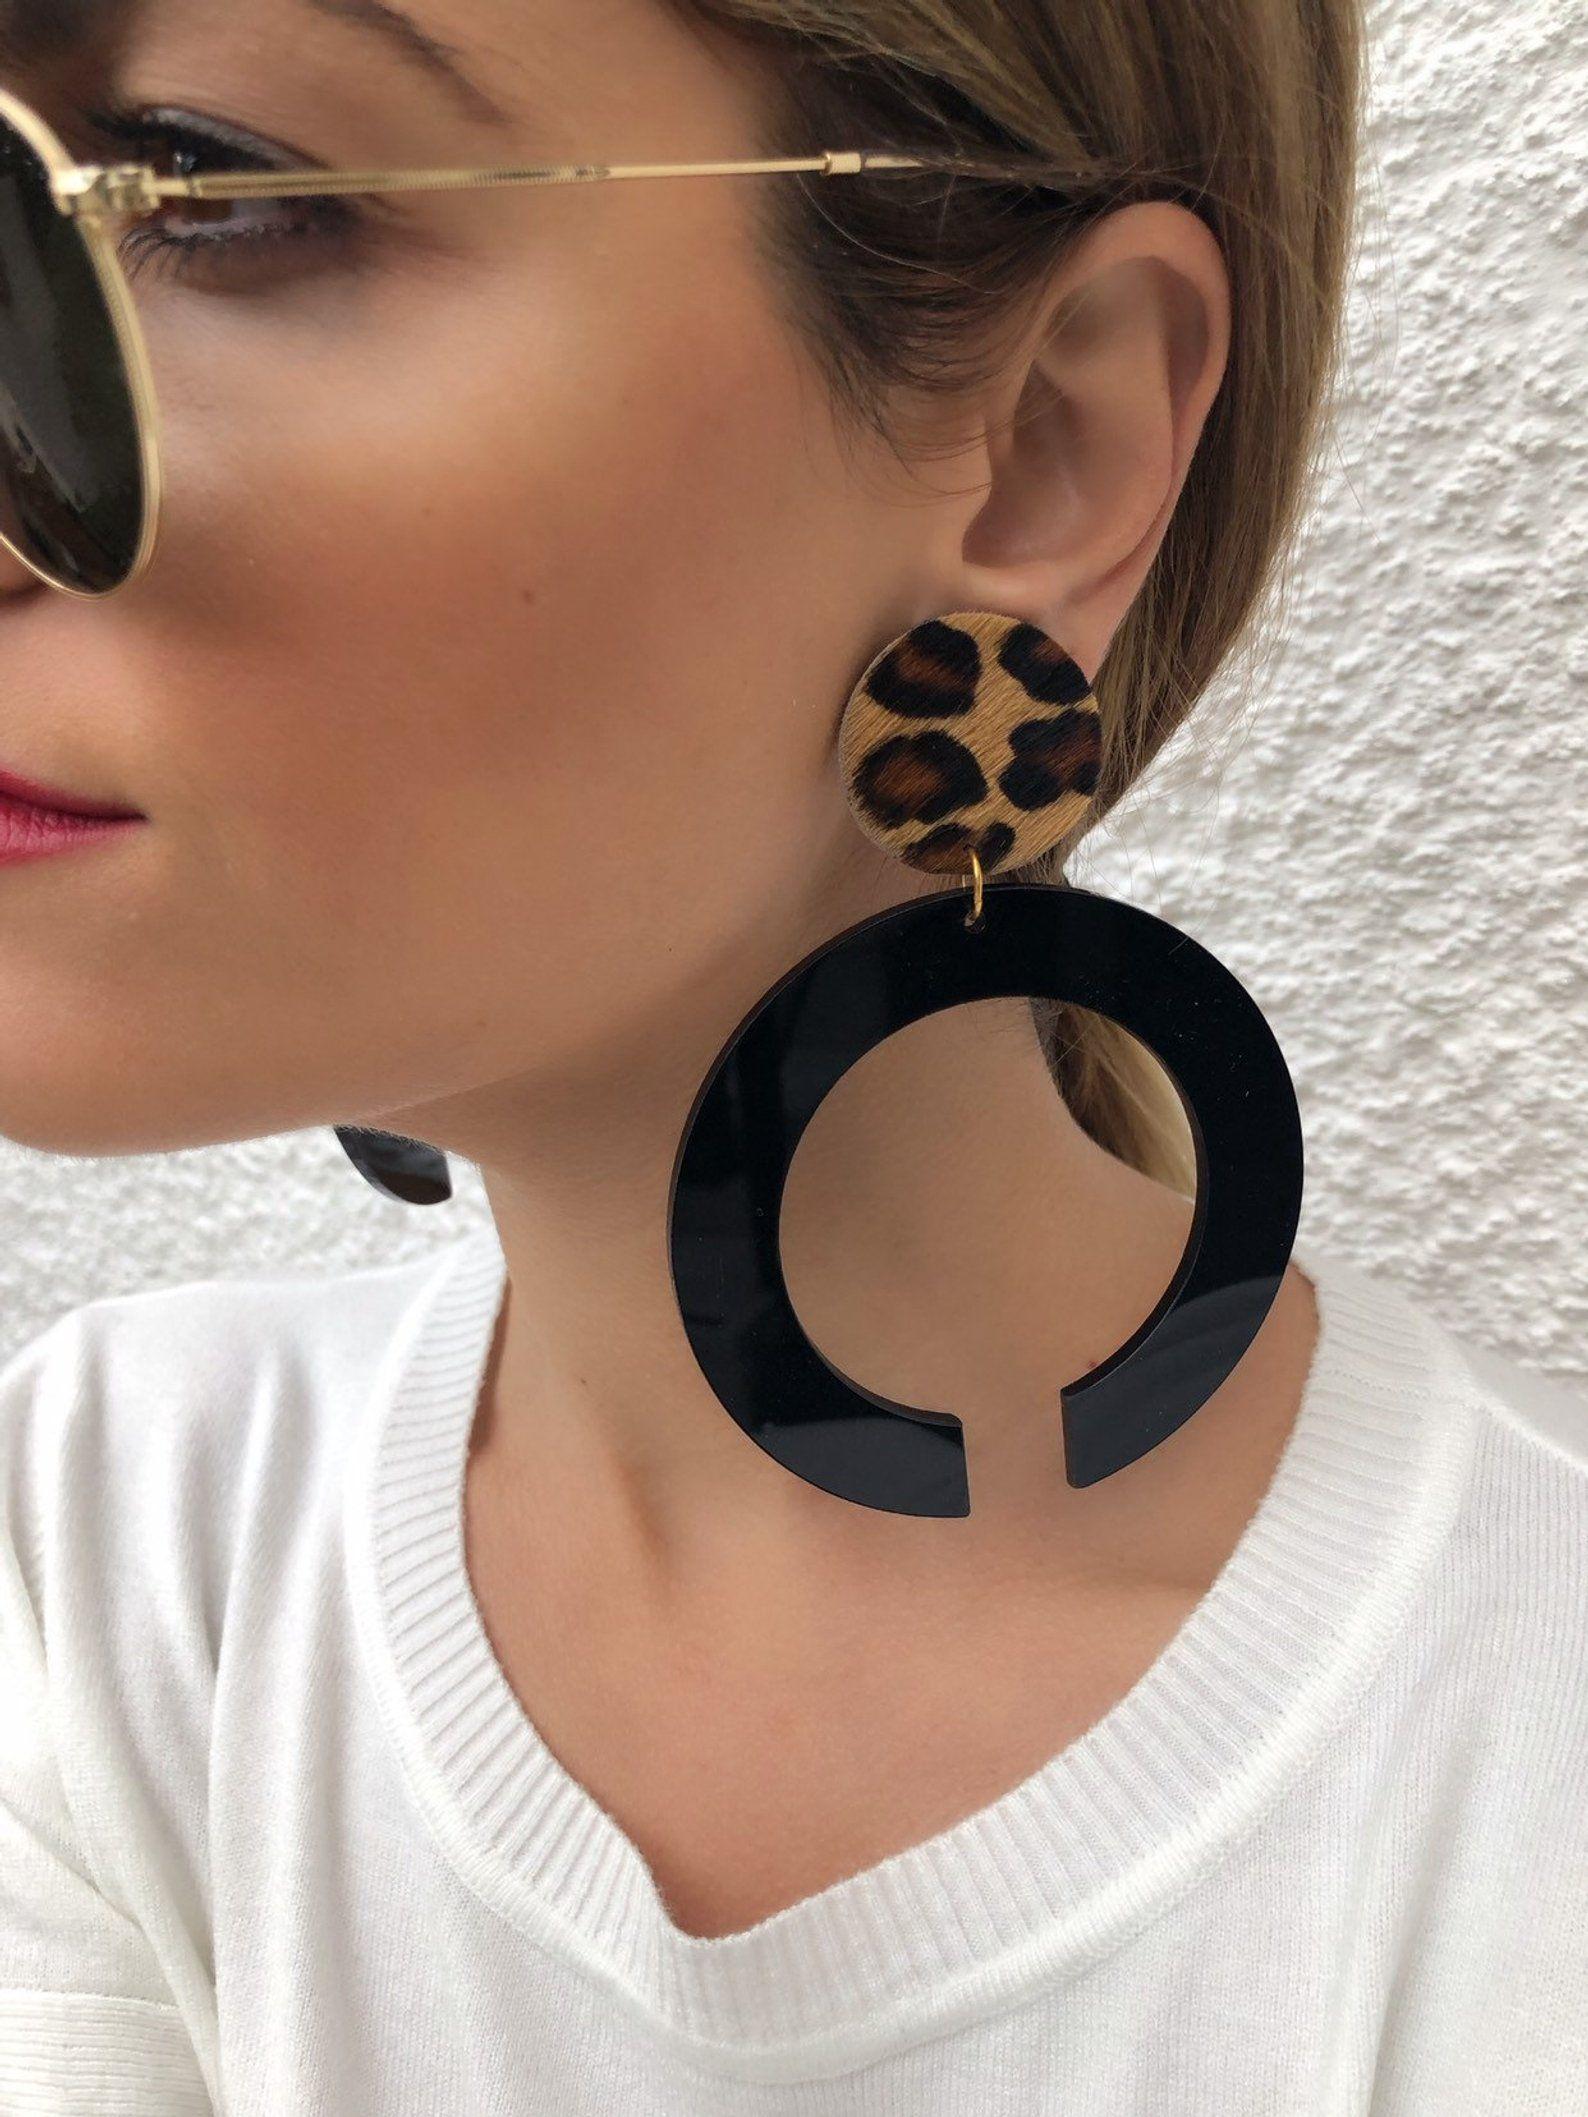 Hoop earrings with stone big silver earrings circle earrings dangle large earrings for women fashion statement earrings earrings unique gift